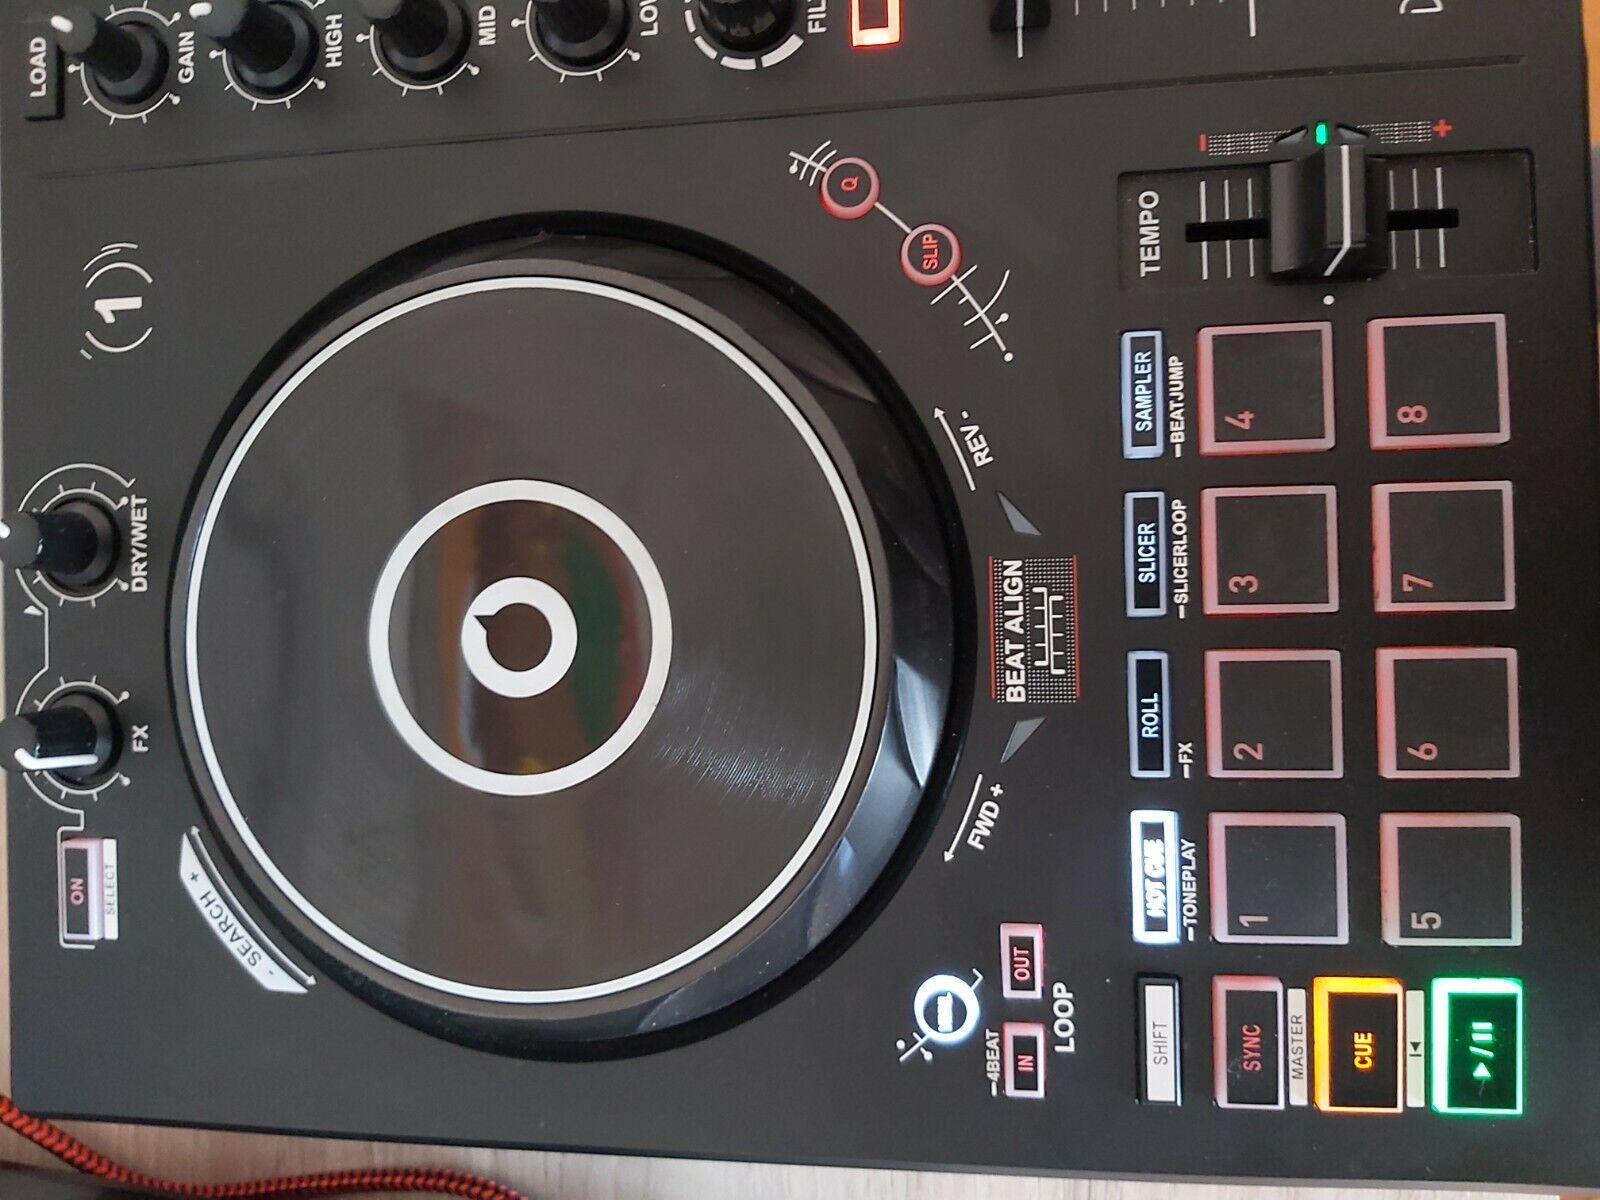 Table de mixage hercules djs control impulse 300